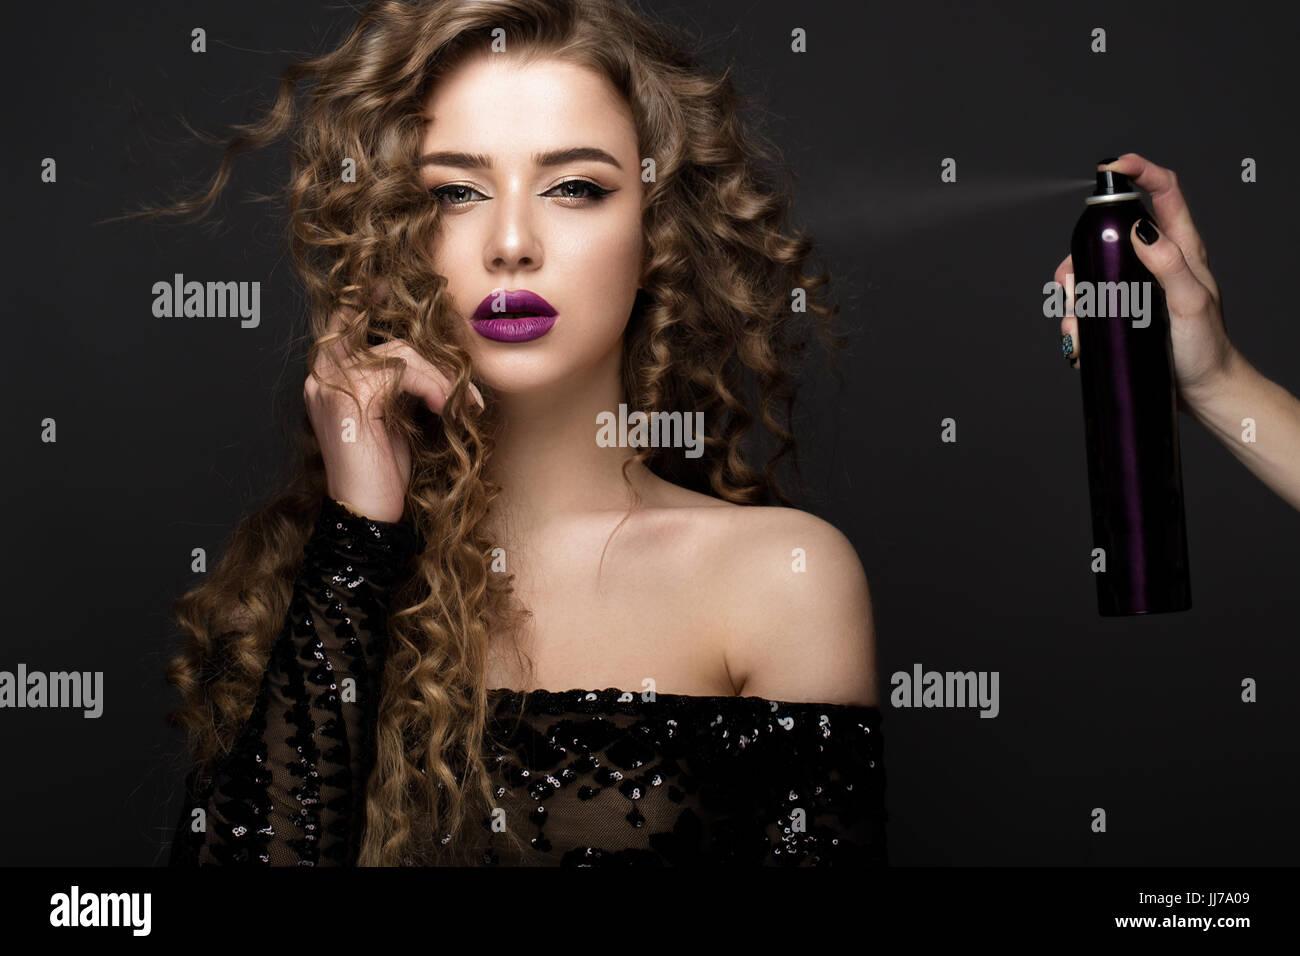 b4eb87a1099 Belle brune modèle avec maquillage classique et bouteille de produits pour  les cheveux. beauté visage.